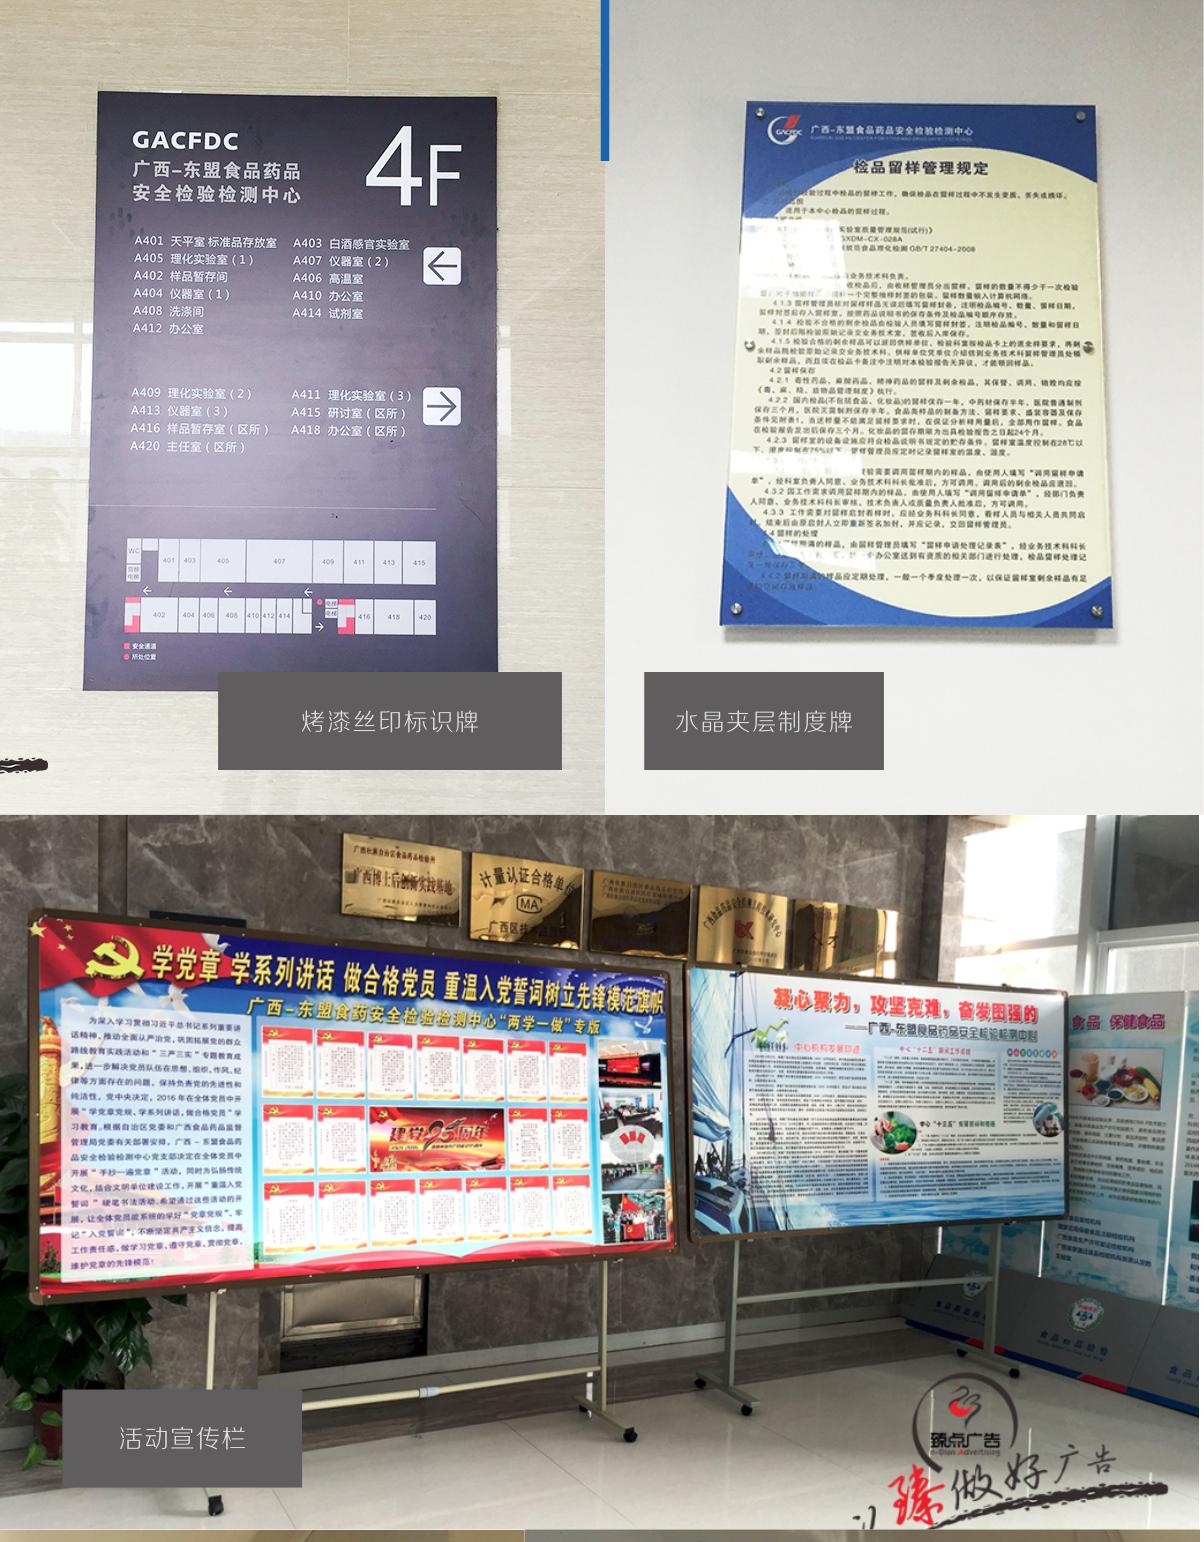 荔枝视频app色版下载东盟食品药品安全检验检测中心标志设计标示牌设计制作_03.png